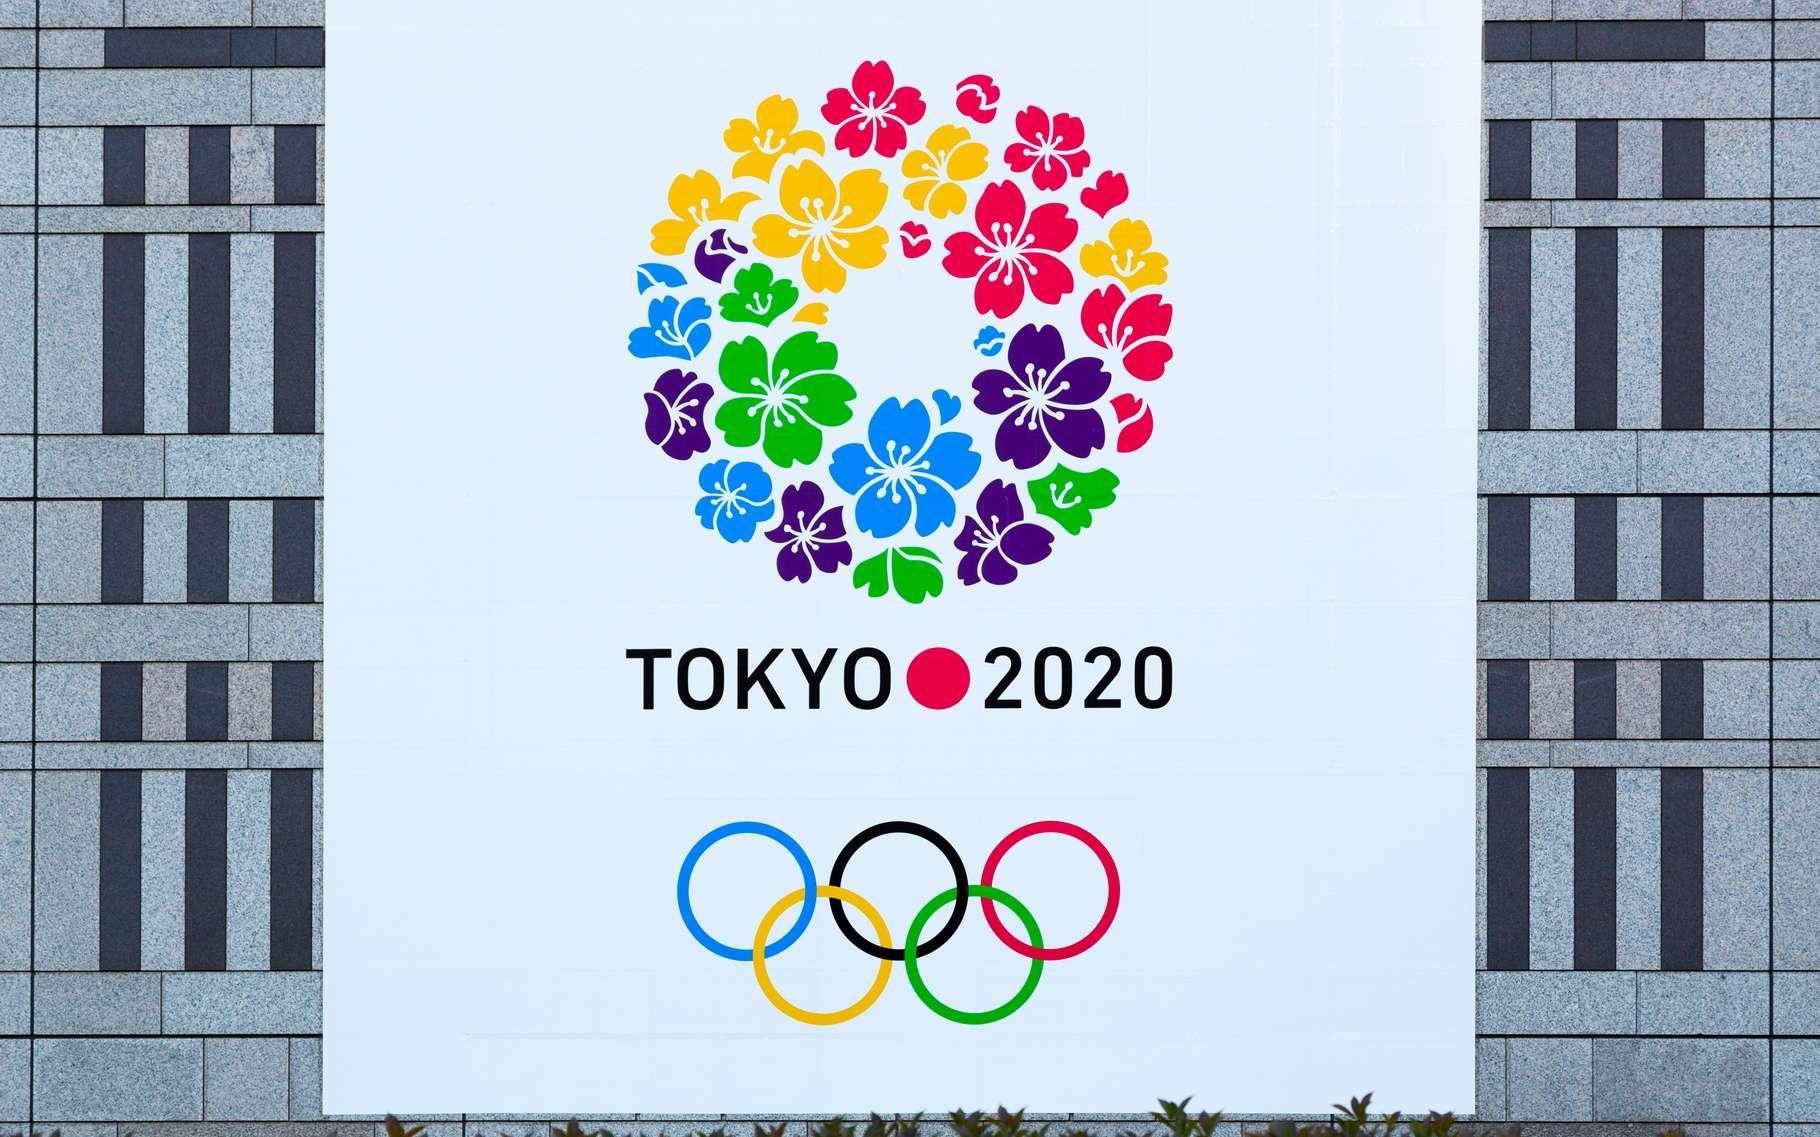 Le Japon gagnera-t-il son pari de fabriquer les médailles des Jeux olympiques de Tokyo à partir des métaux précieux extraits des déchets électroniques ? © Lodimup, Shutterstock